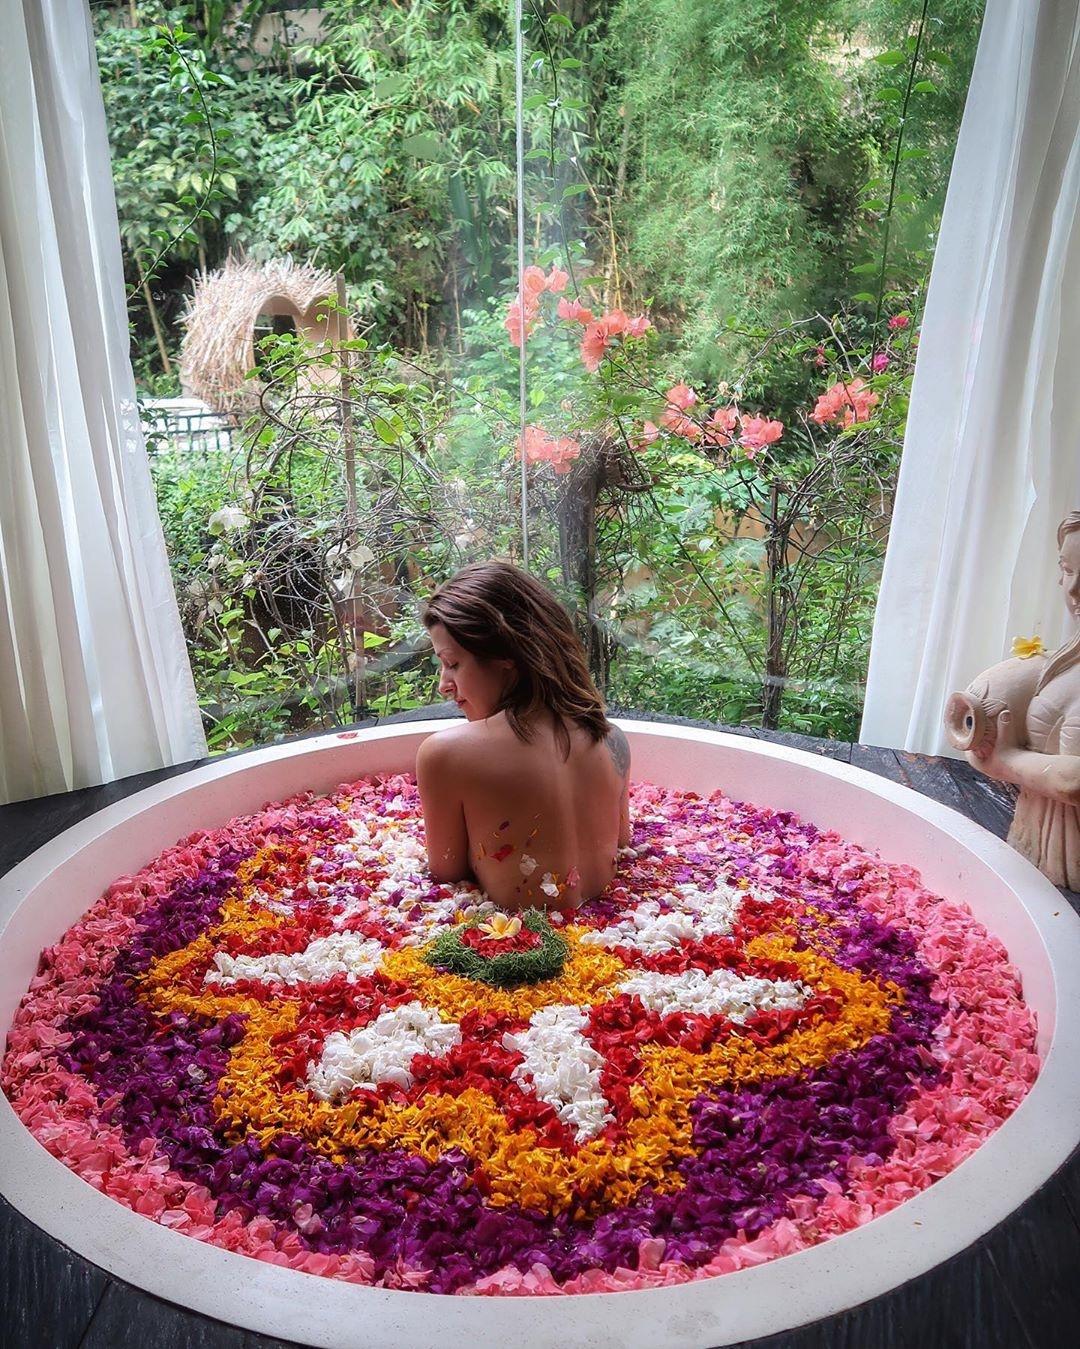 Nhung bon tam hoa tuyet my cho cac cap doi o Bali hinh anh 23 79274366_142611850497949_372373662602245585_n.jpg